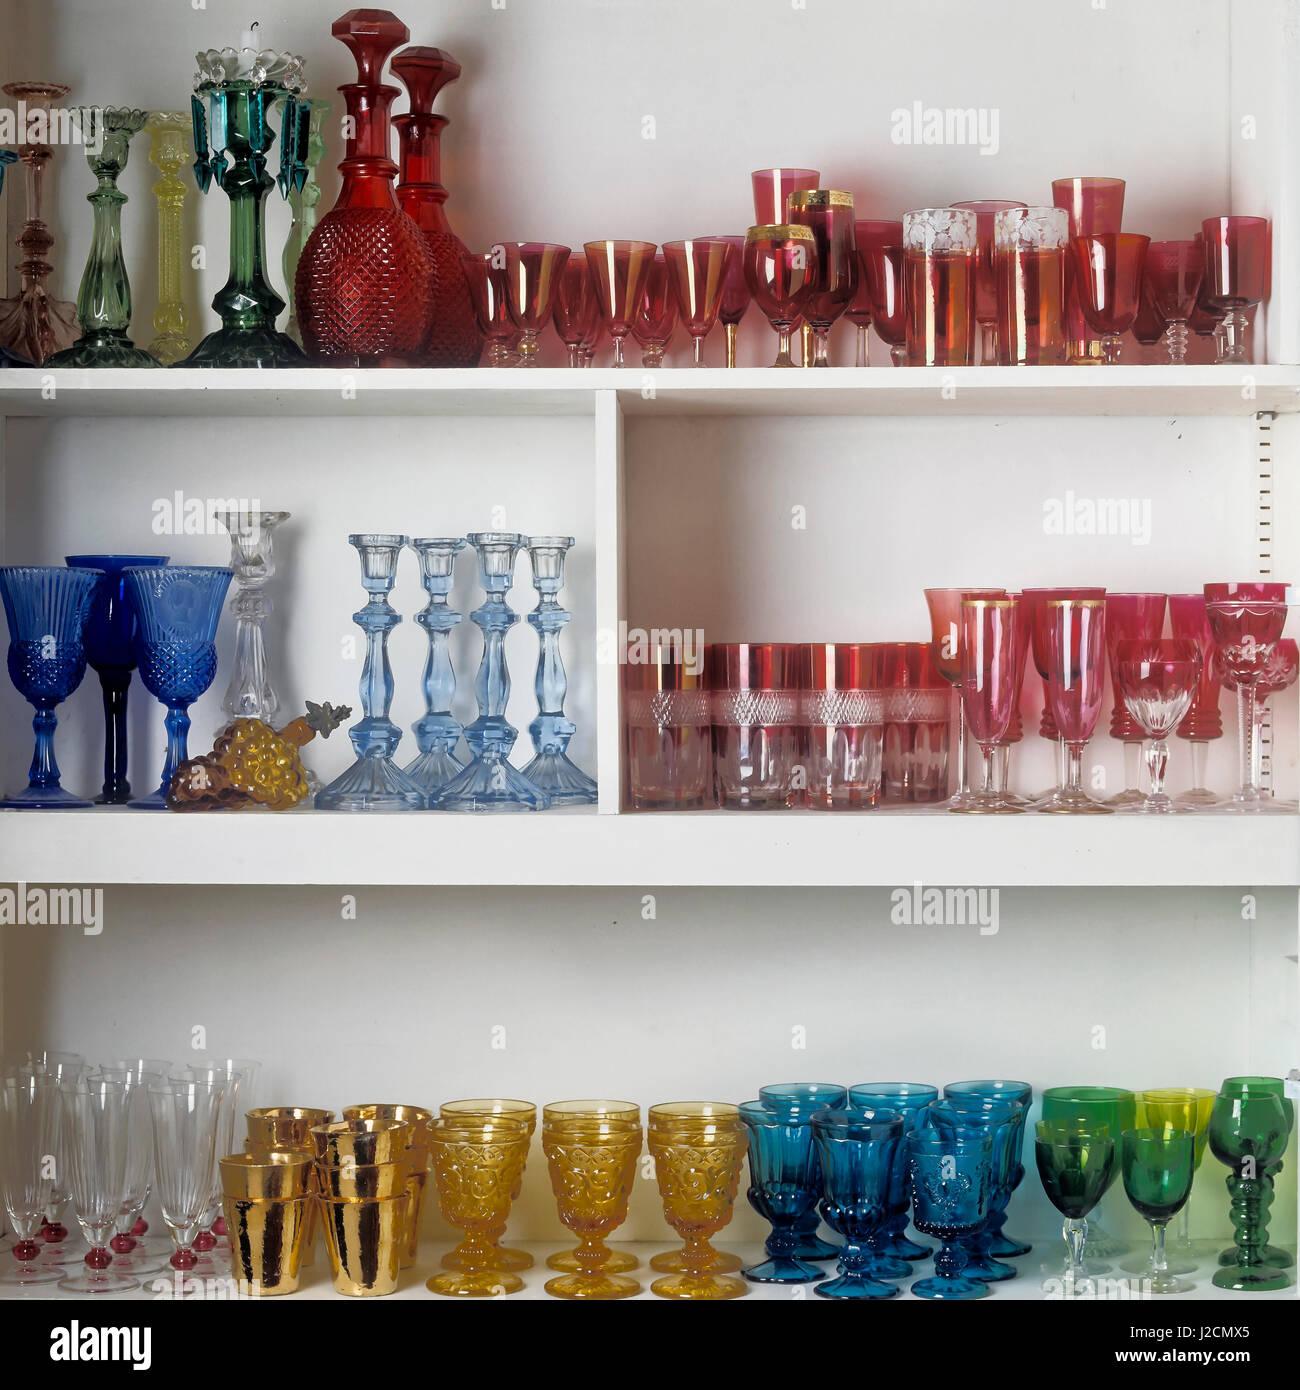 Regalen der farbigen Gläser. Stockbild